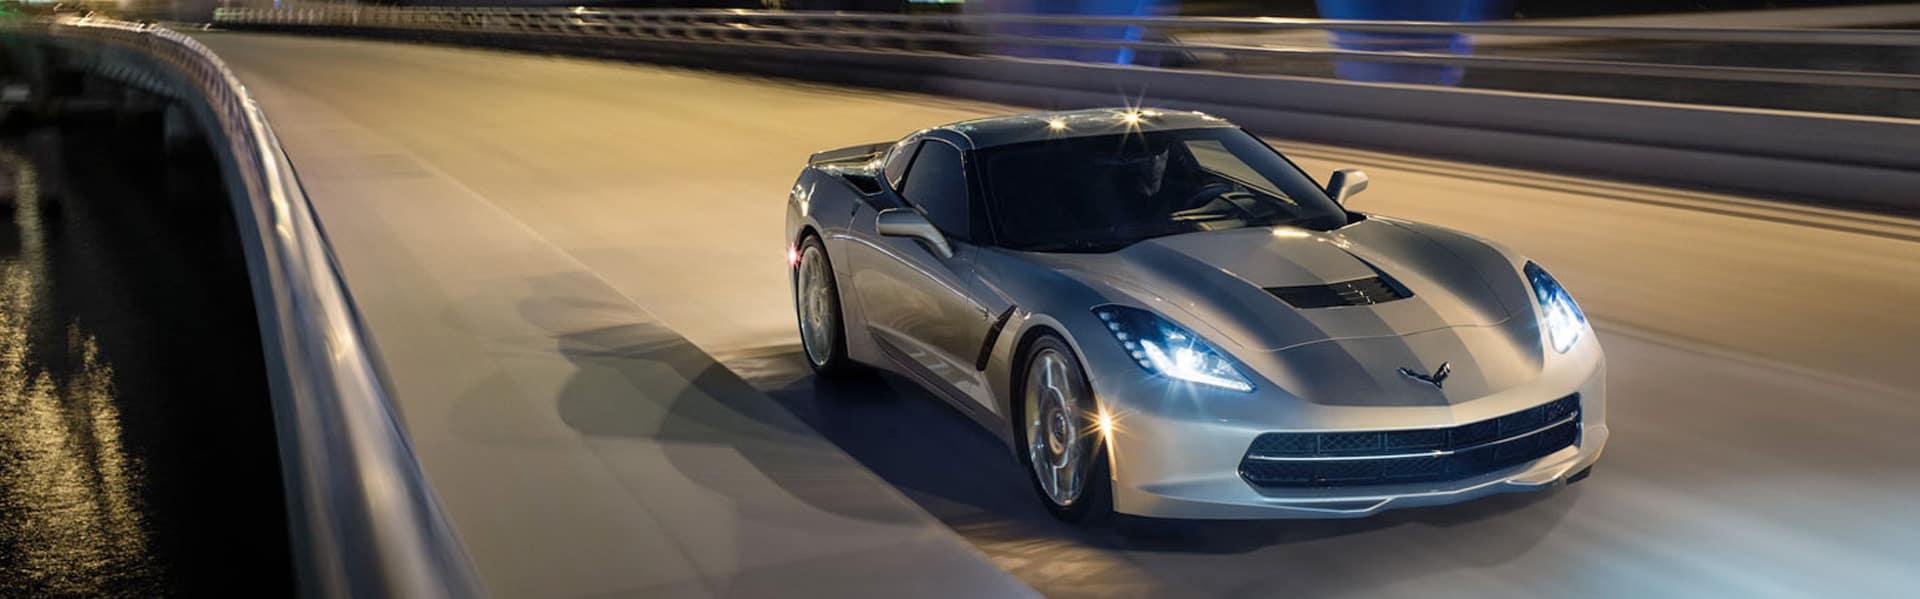 Chevrolet Corvette Stingray con descuento